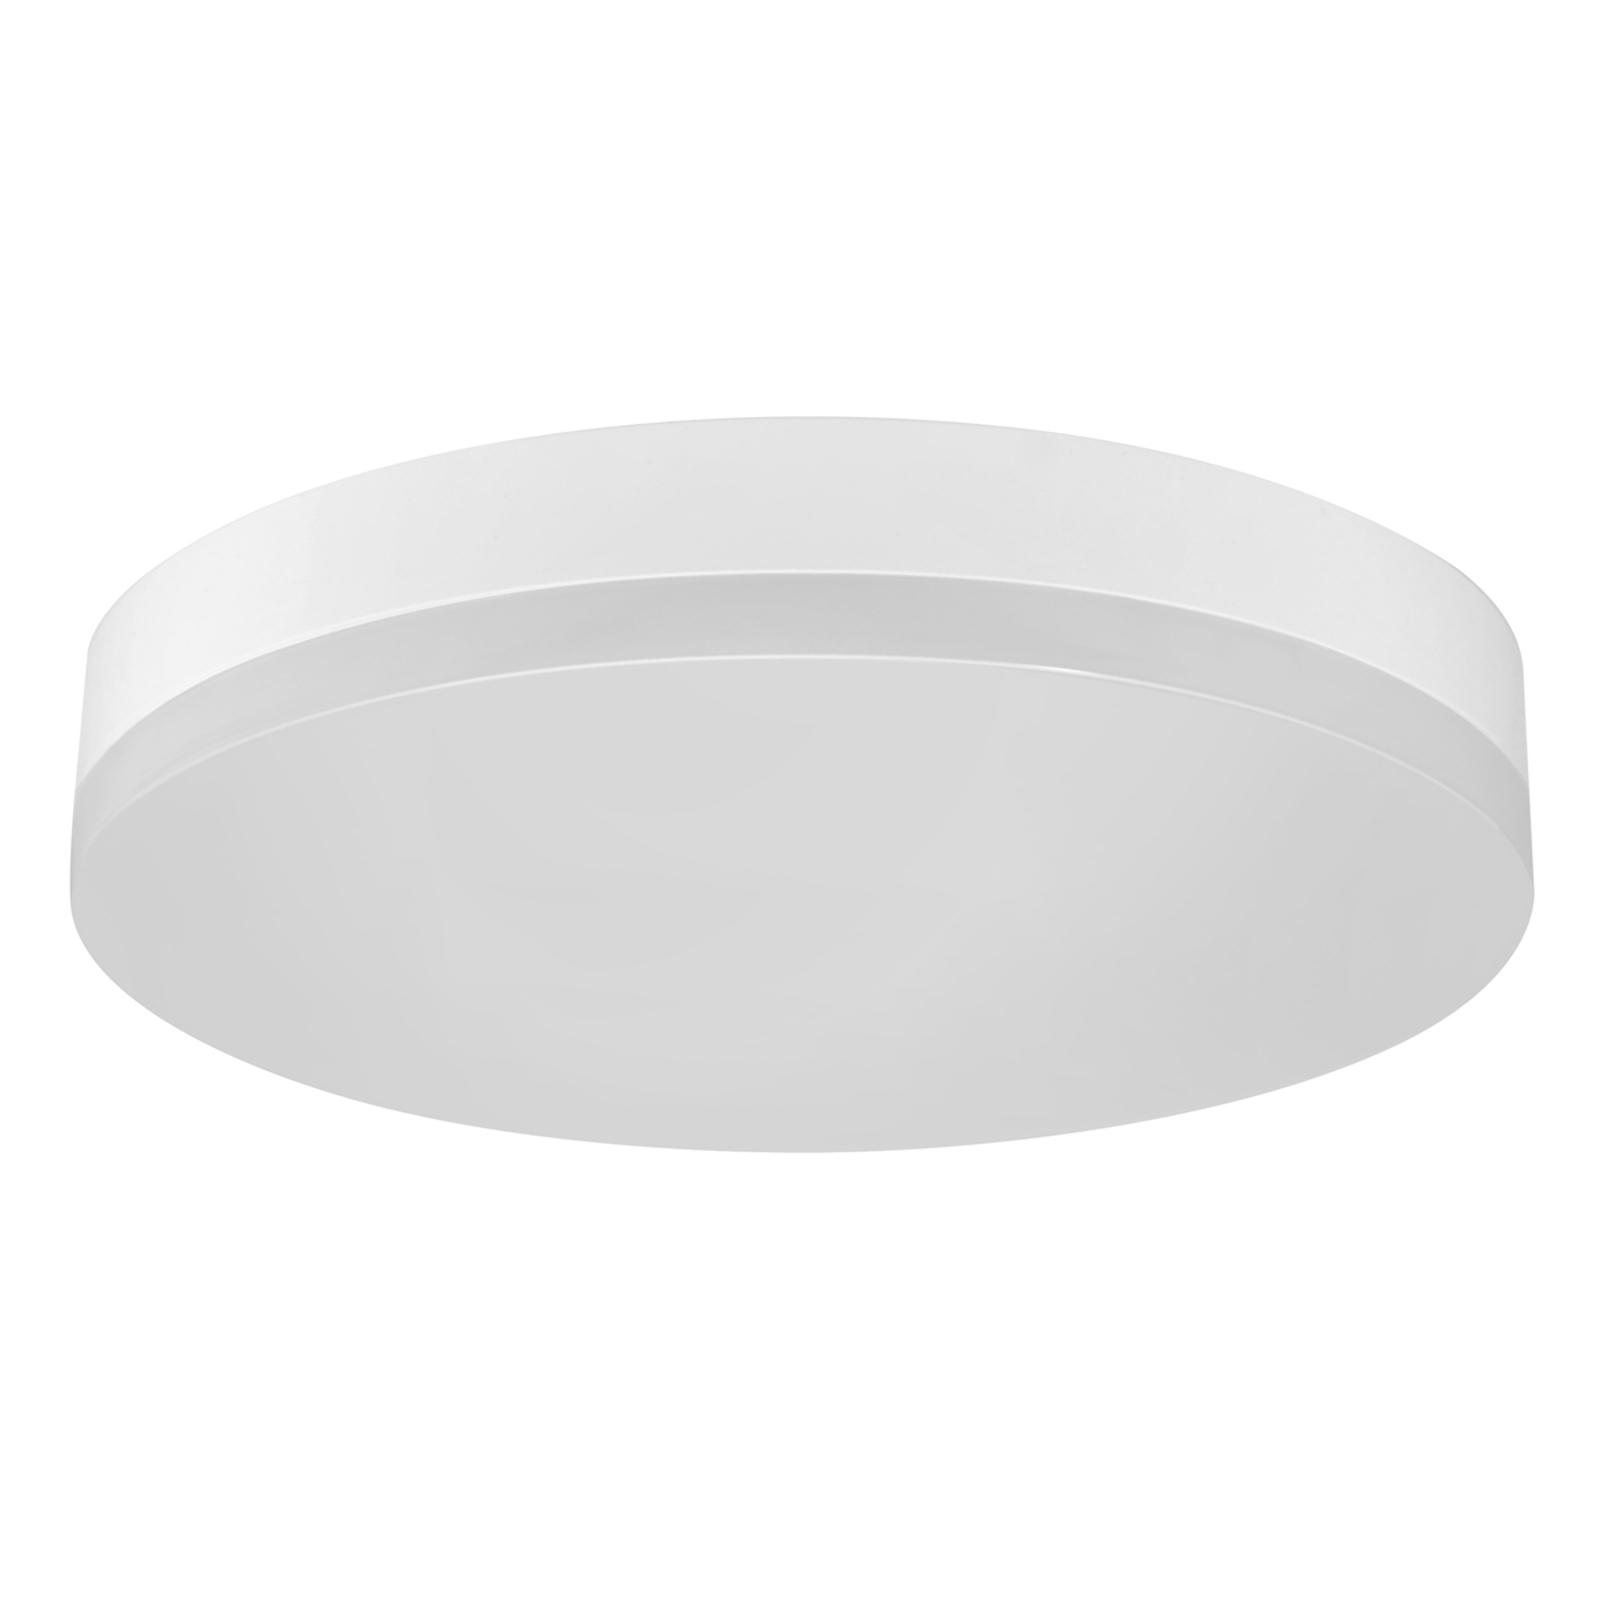 LED-Deckenleuchte Naxo, rund, 3.000 K